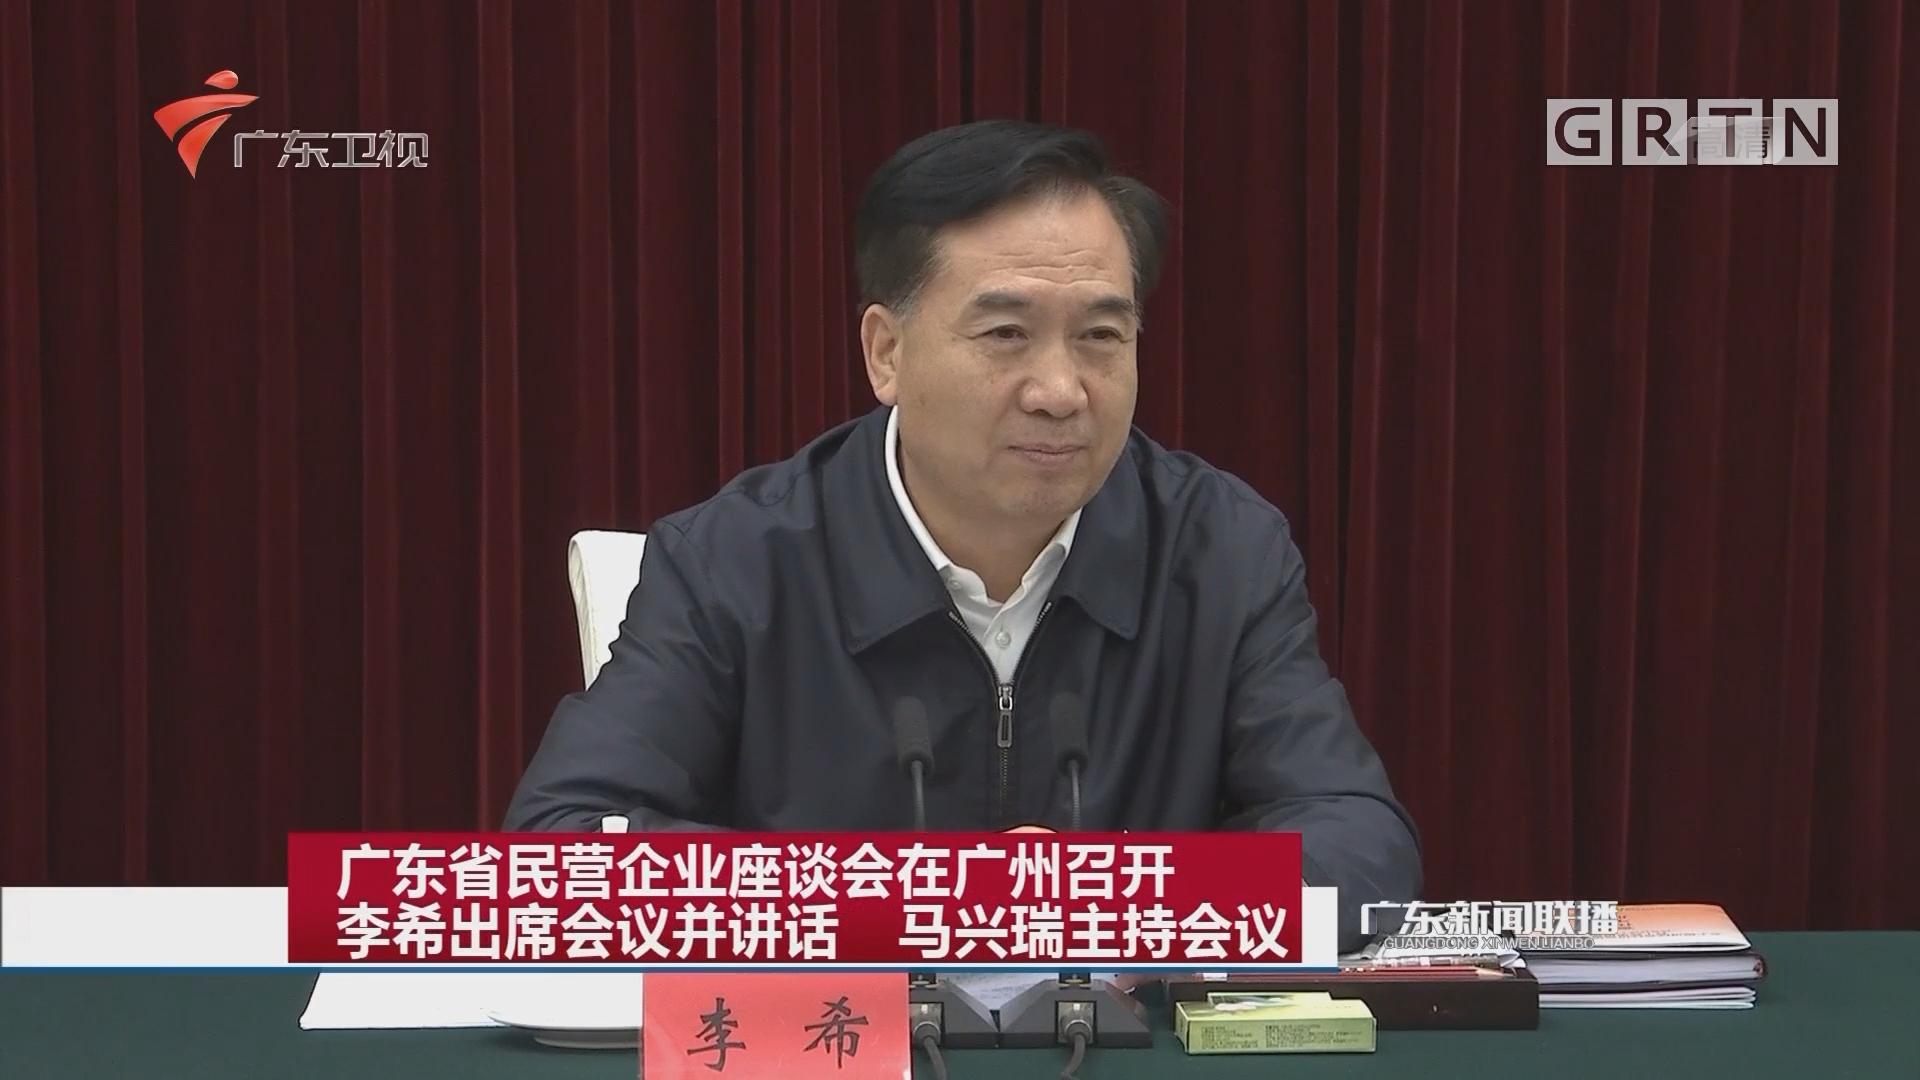 广东省民营企业座谈会在广州召开 李希出席会议并讲话 马兴瑞主持会议